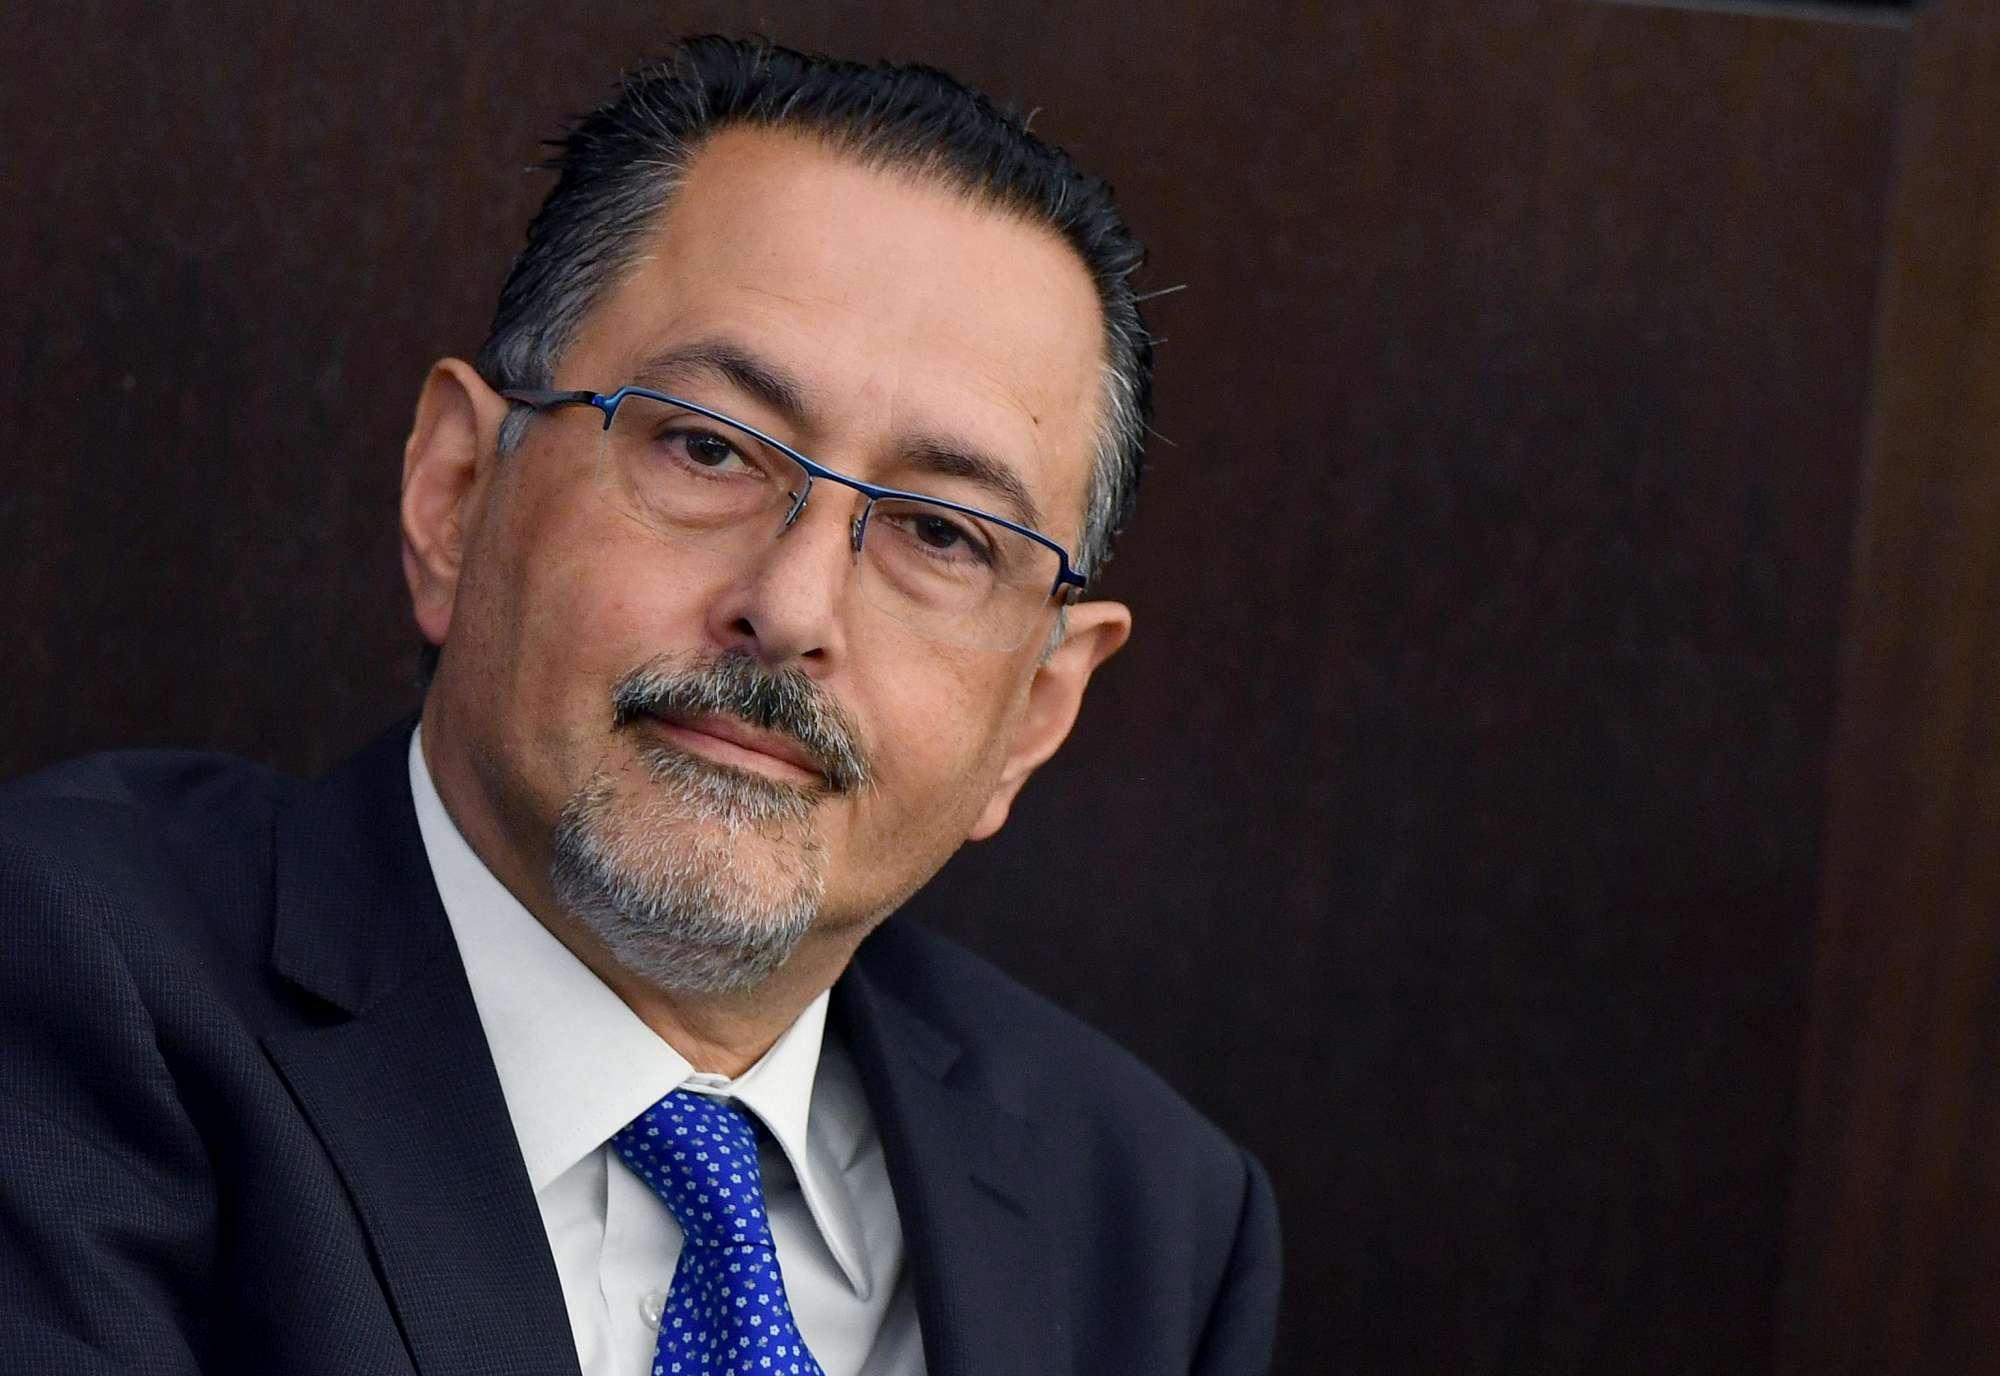 Sanità, arrestato il Presidente della Regione Basilicata Pittella (Pd)